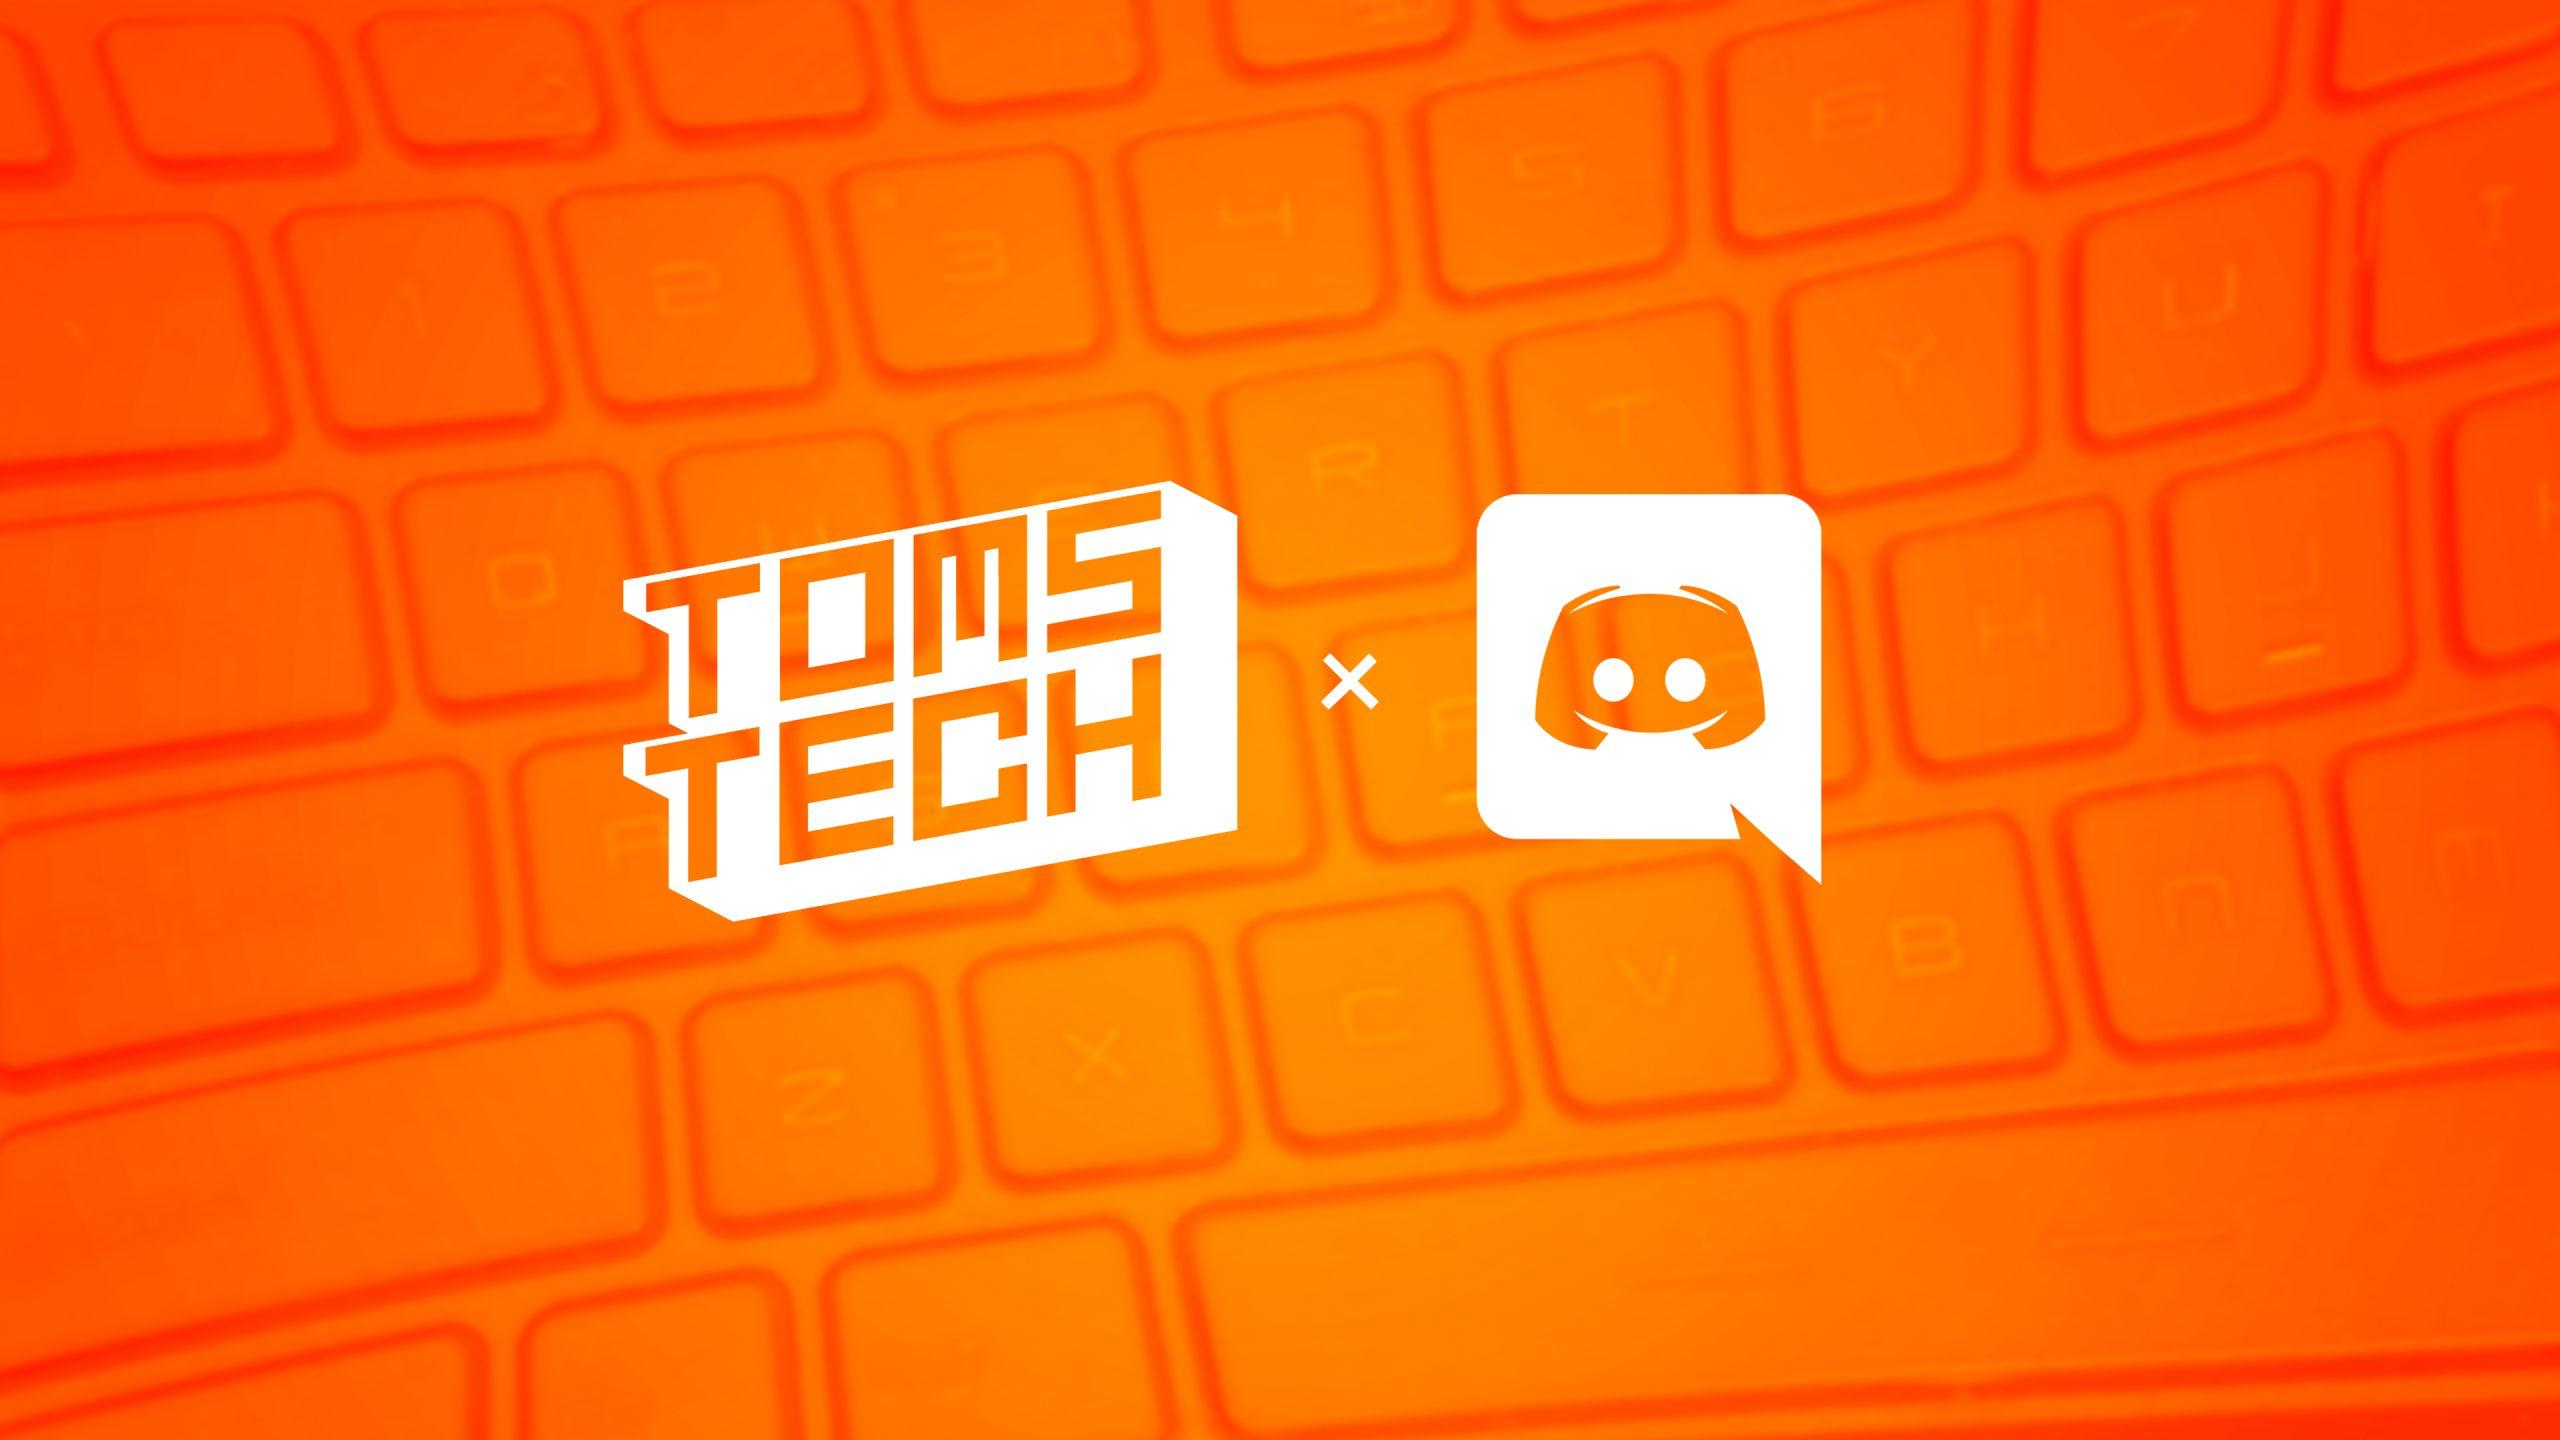 Illustratie van het logo van Toms Tech, in combinatie met dat van communicatiemiddel Discord.